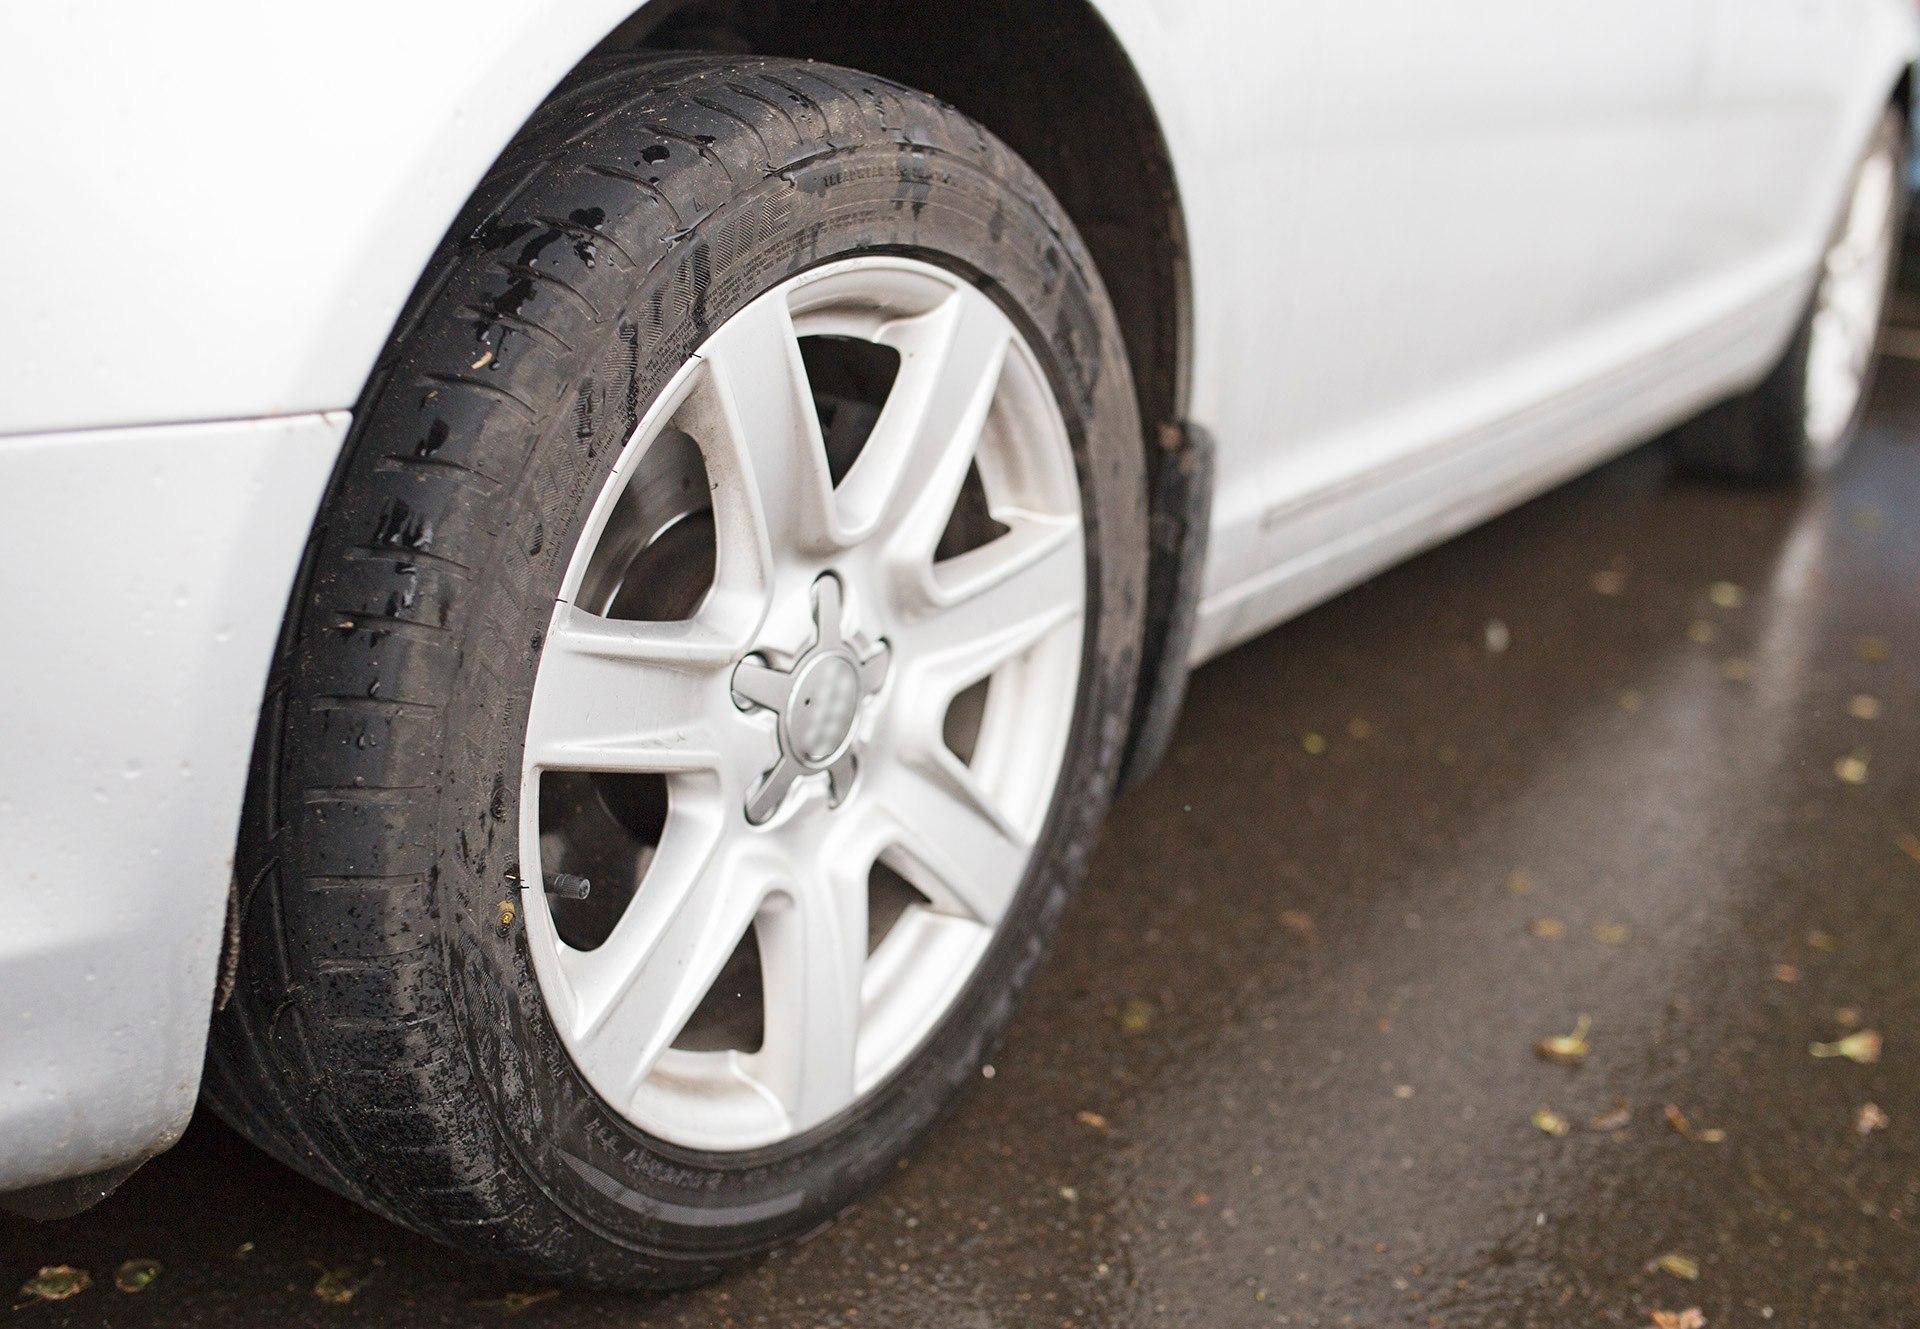 Проблемы после заправки могут возникнуть из-за неисправности машины